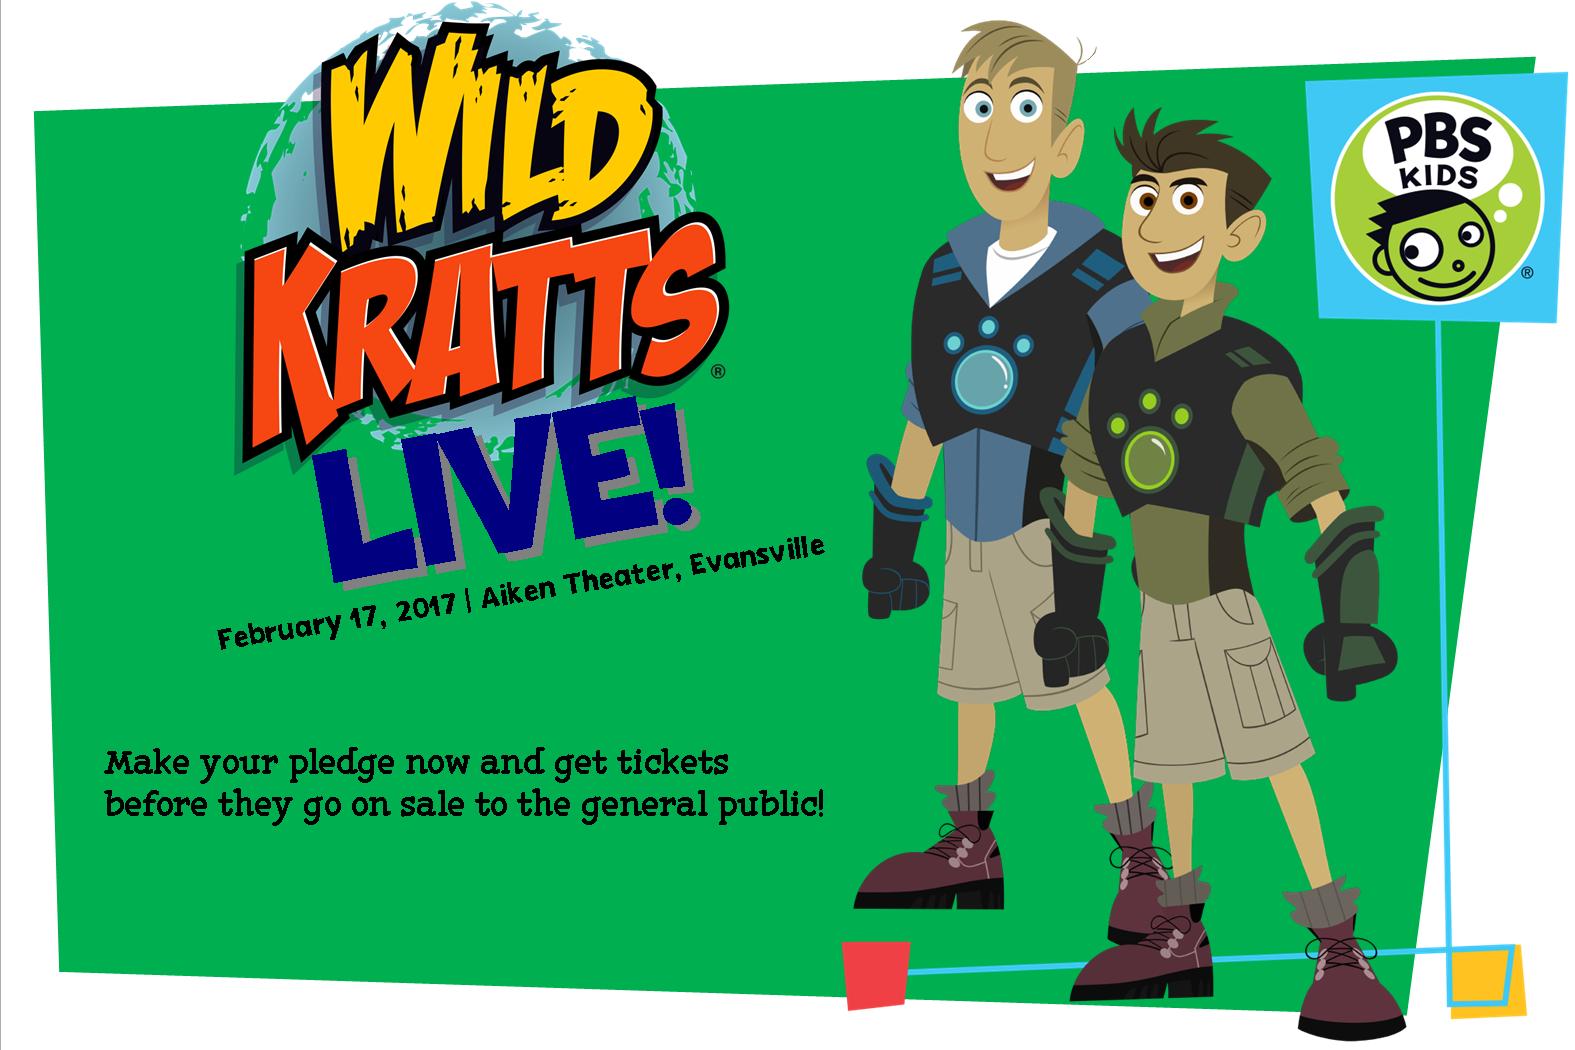 Wild Kratts Live! Tickets